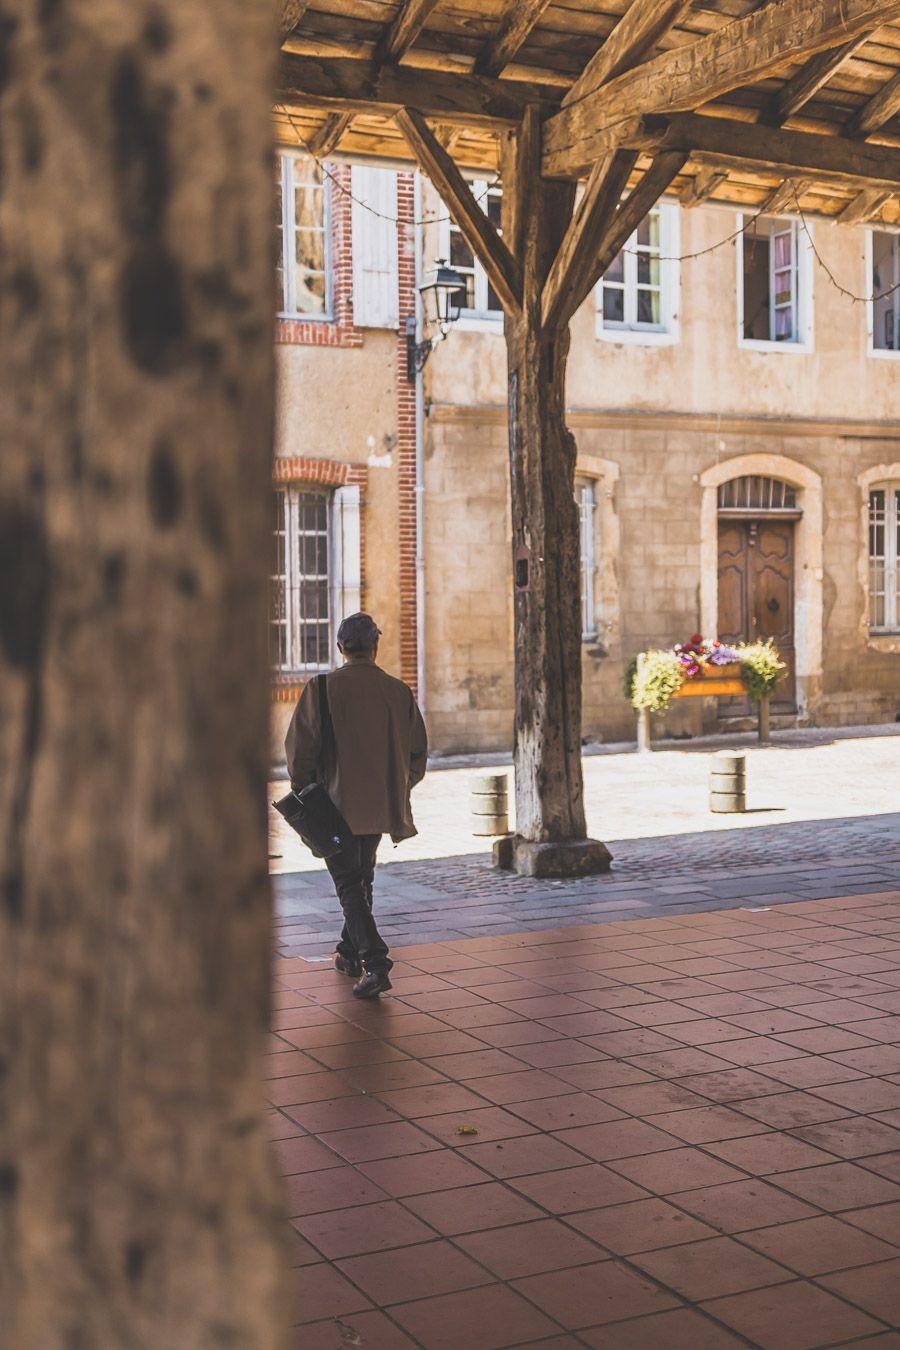 Vous cherchez une destination de vacances en France ? Pourquoi ne pas visiter le Gers ? Suivez ce guide pour un week-end en France. Vacances Occitanie / Occitanie France / Occitanie tourisme / Sud ouest France / Sud ouest paysage / France travel / France tourisme / road trip France / Europe travel / Europe travel list / Vacances en France / Voyage France/ Destinations de voyages / Idées voyages / Europe / Vacances Europe / Gers France / Gers tourisme / Gers paysage / Week end France destinations